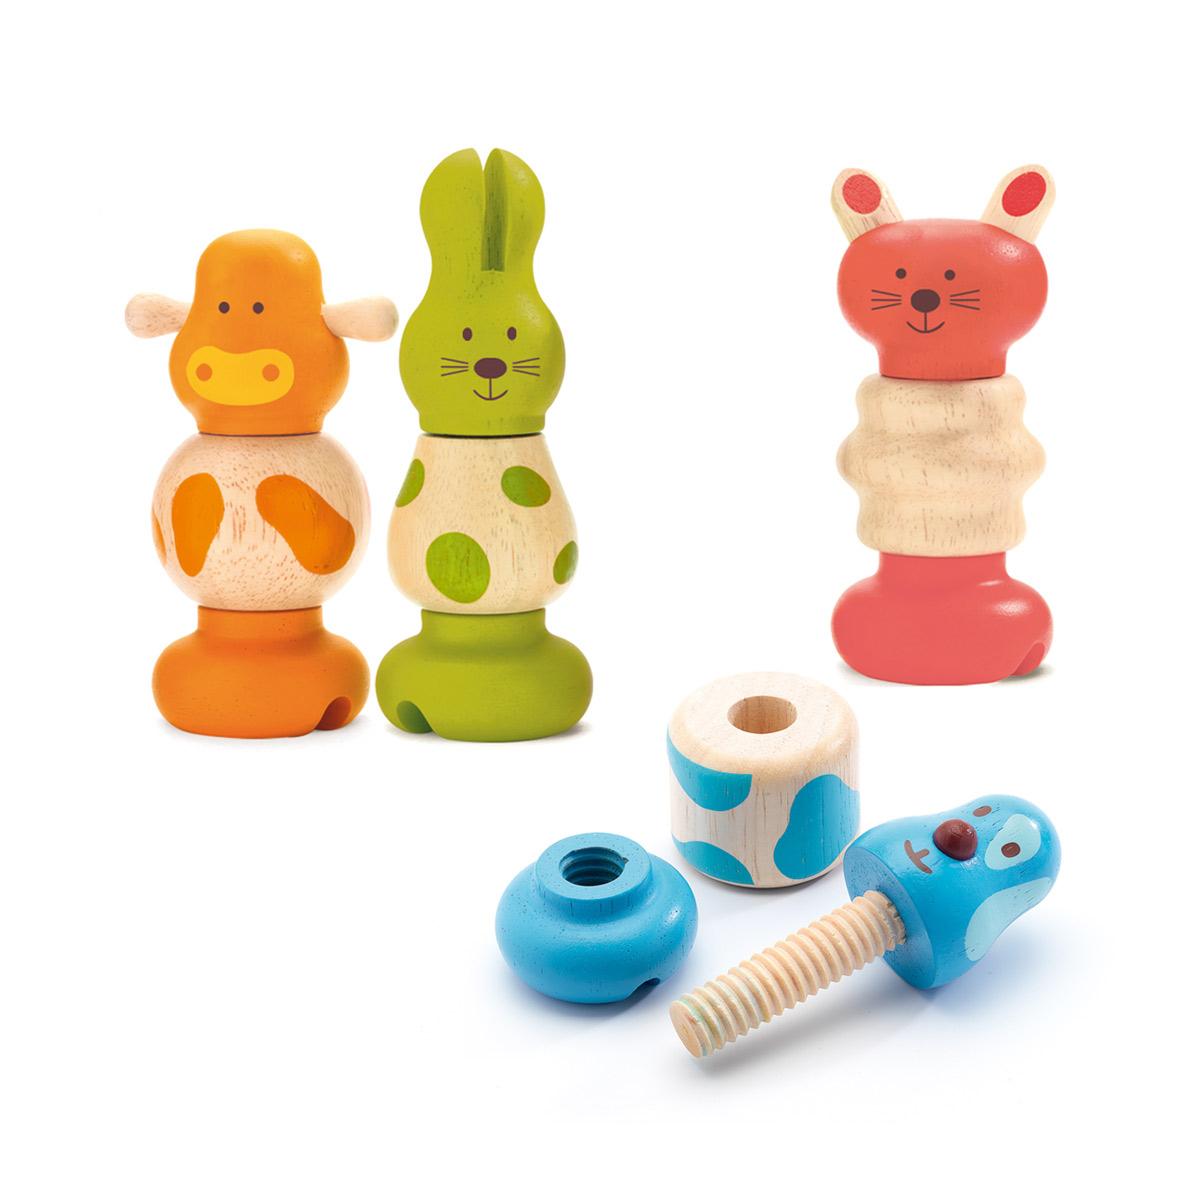 Vis-Animaux-2 - Jeux Pour Enfant - Sauterelles Et Coccinelles dedans Jeux Animaux Enfant